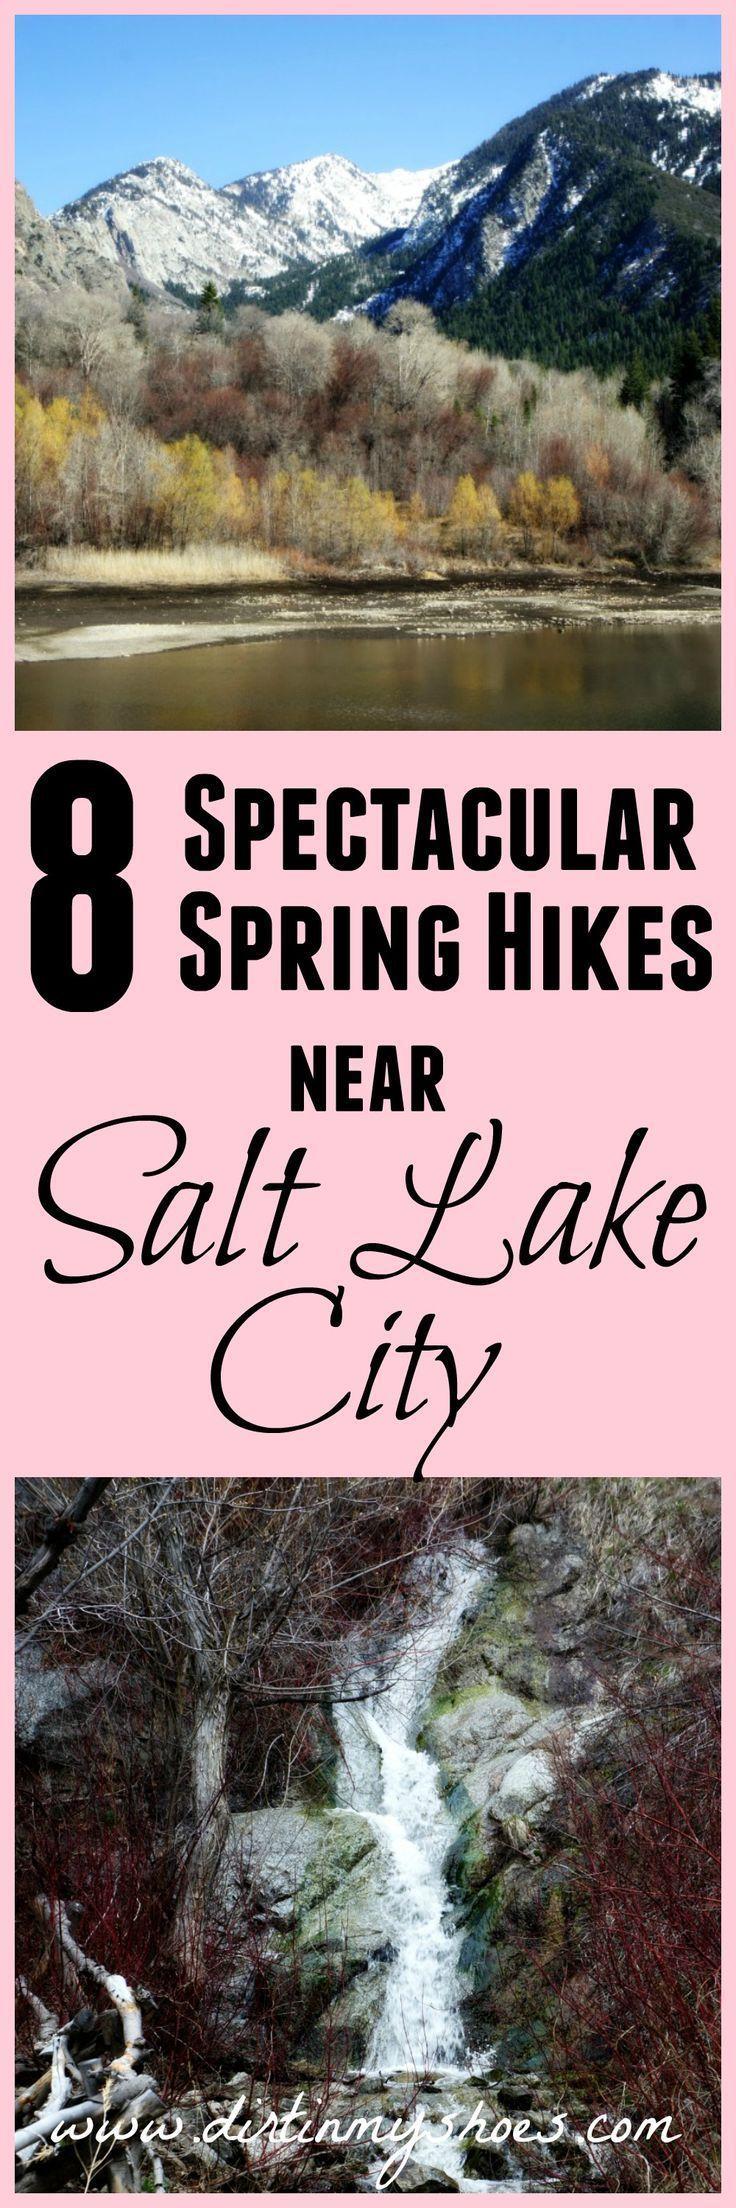 17 Best Ideas About Salt Lake City On Pinterest Slc